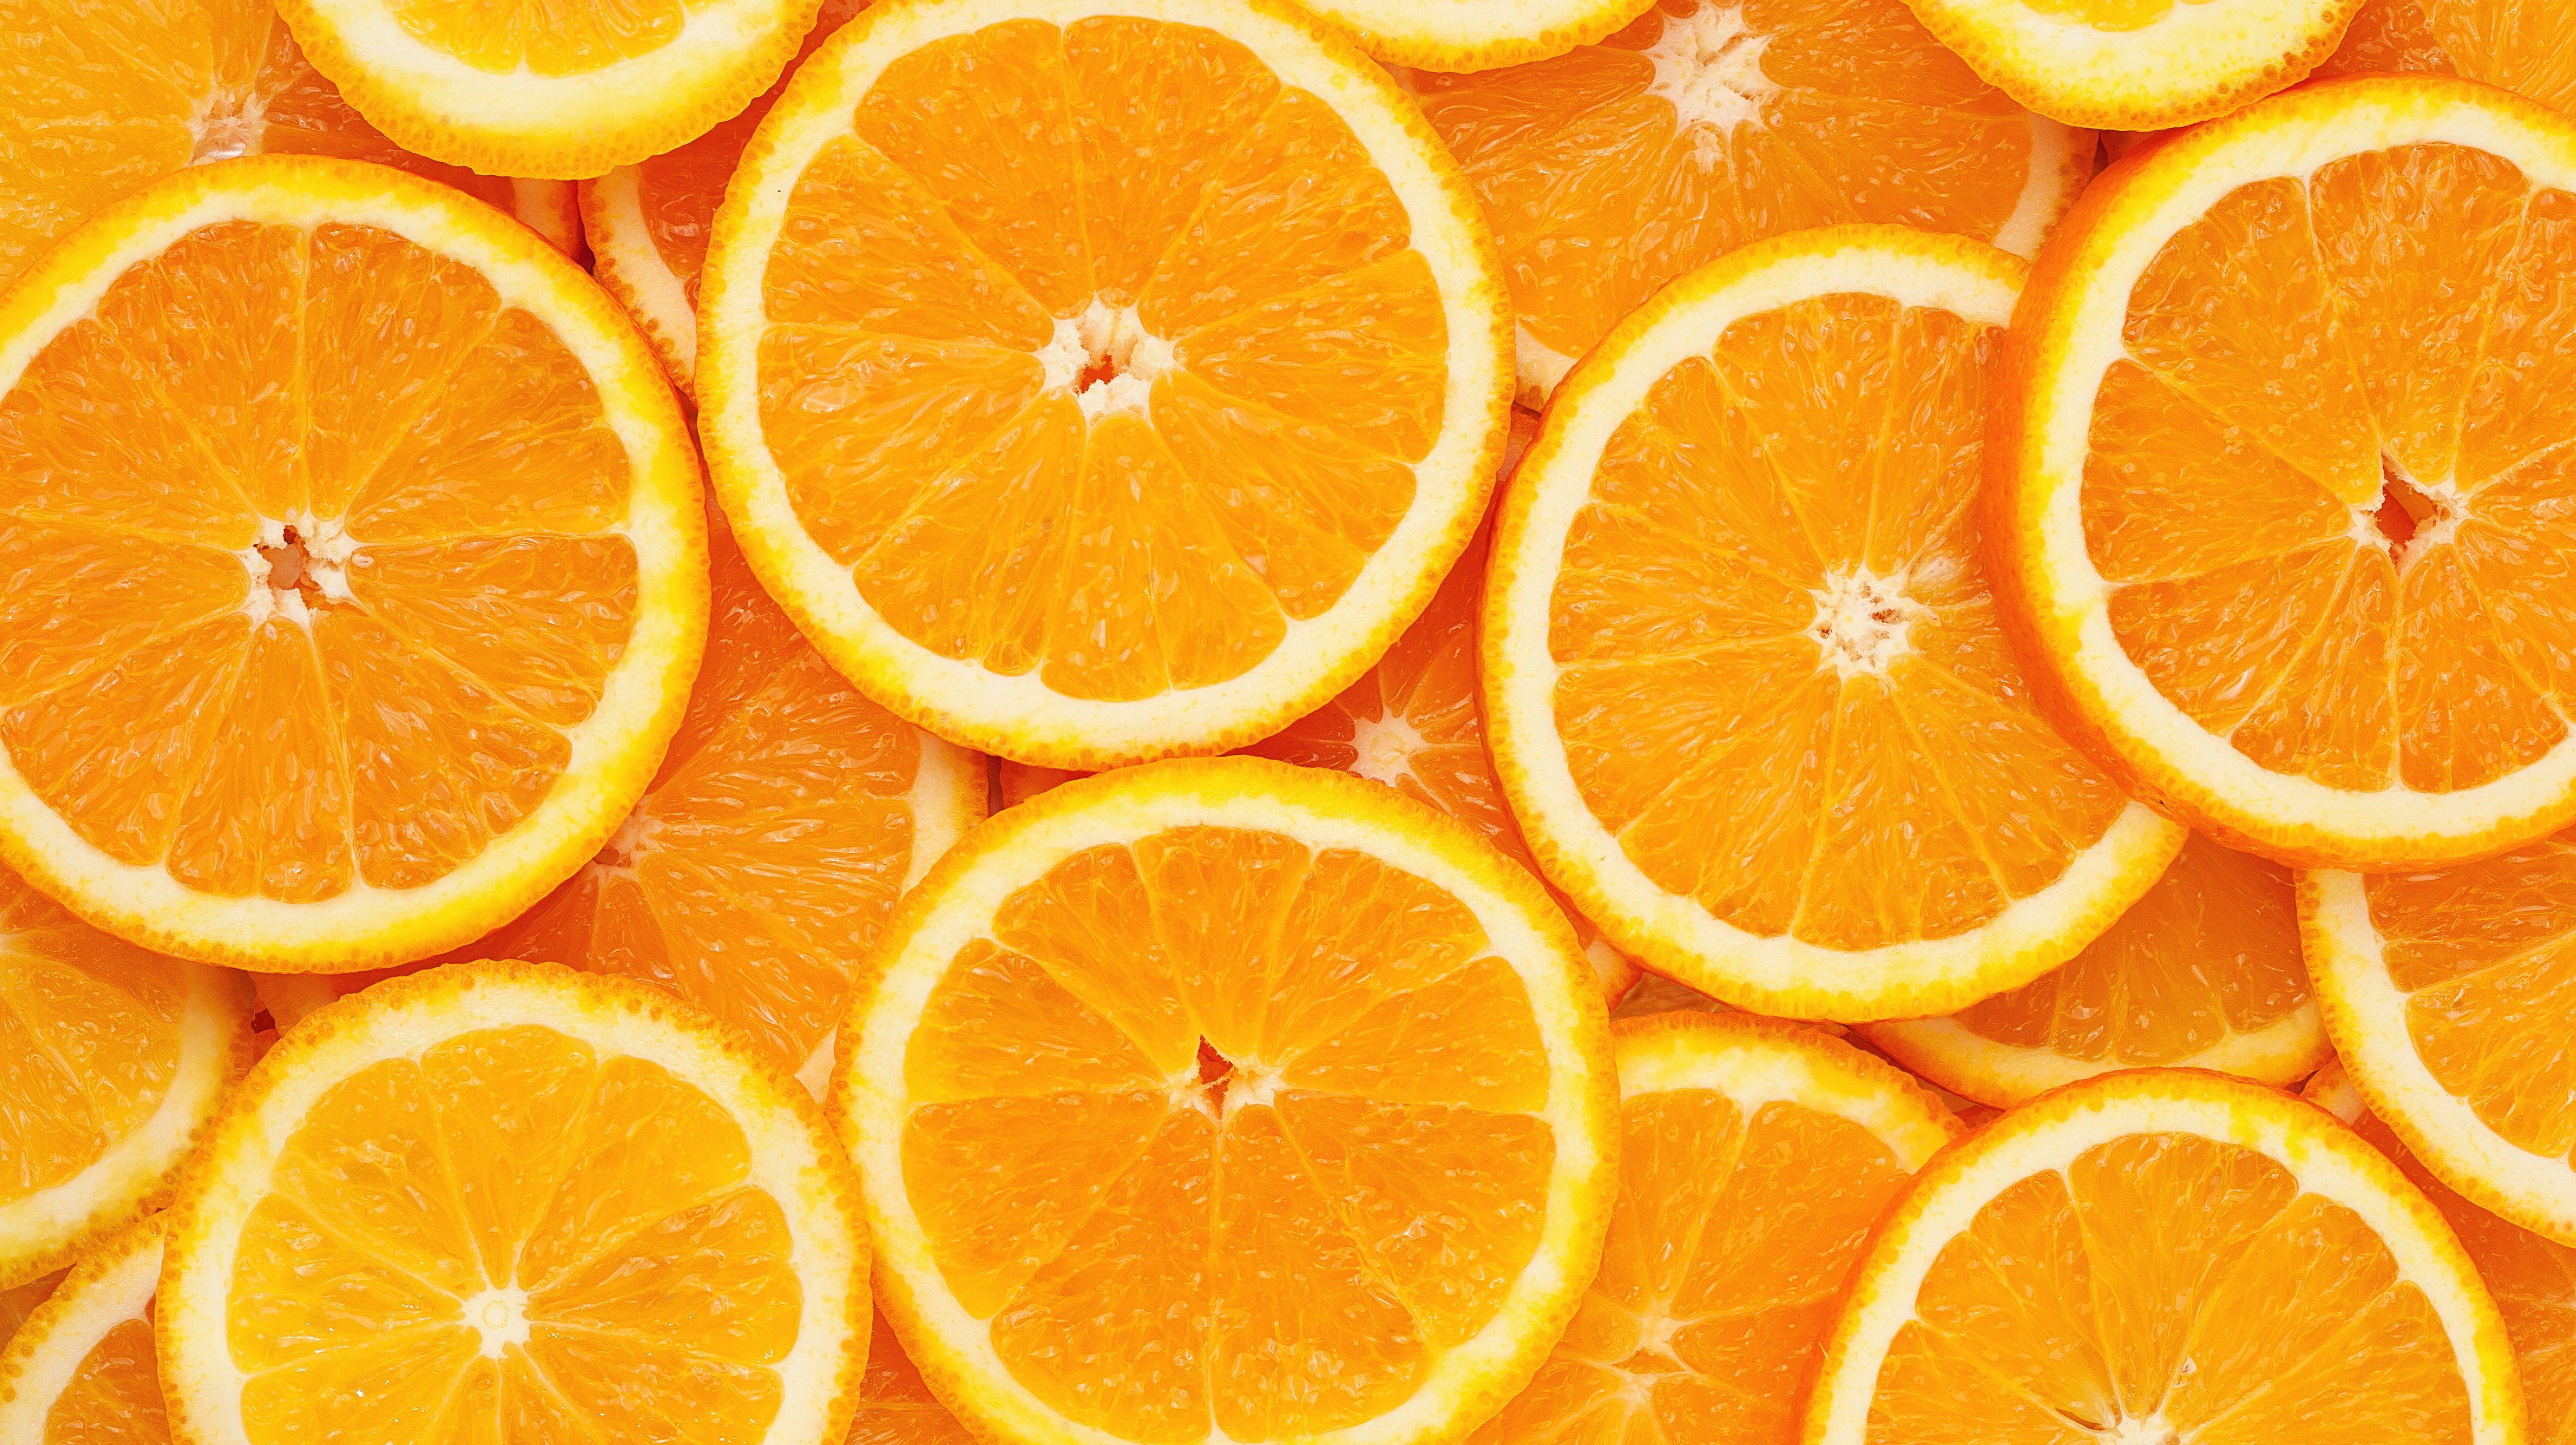 Orange bêdzie blokowaæ telefony za niesp³acanie rat